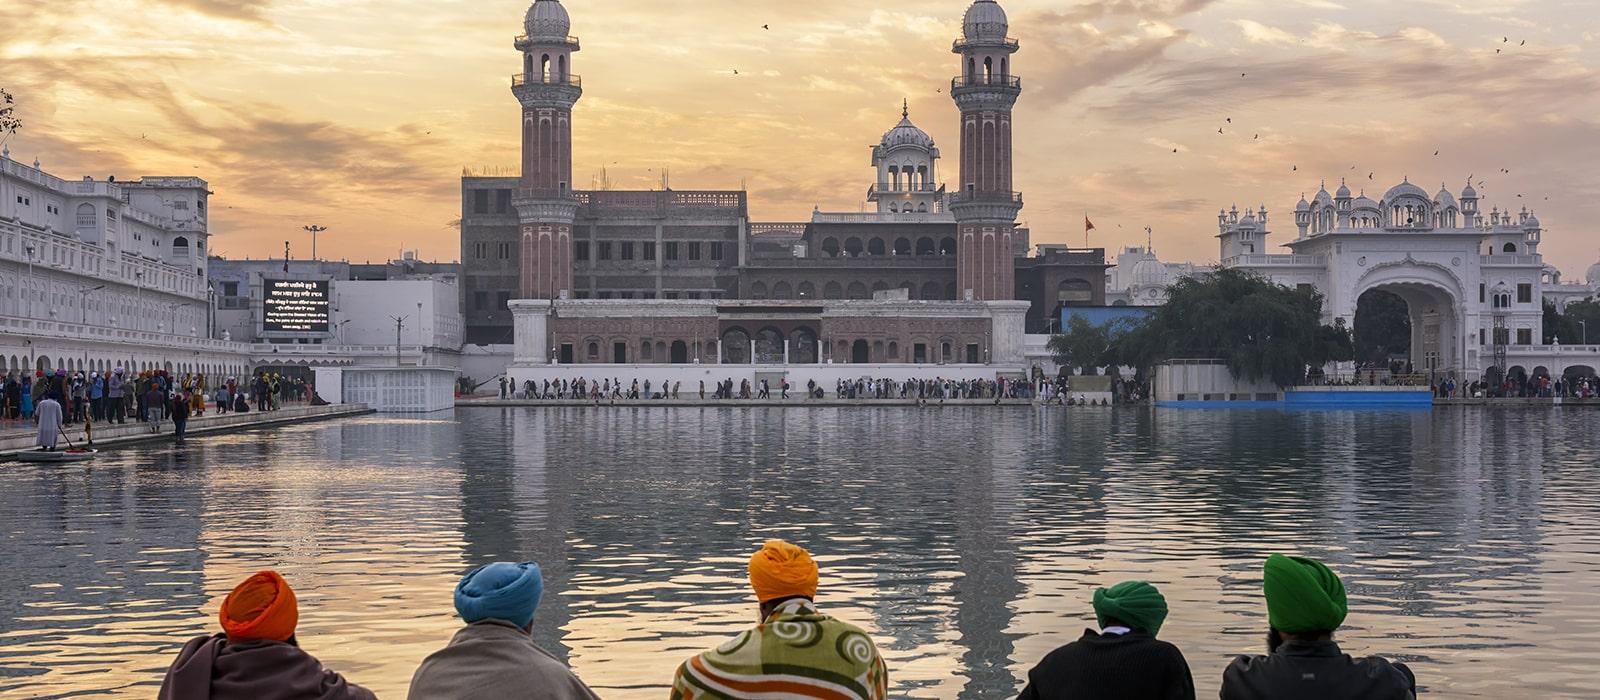 Voyage organisé en petit groupe - Amritsar - Inde - Agence de voyage Les Routes du Monde